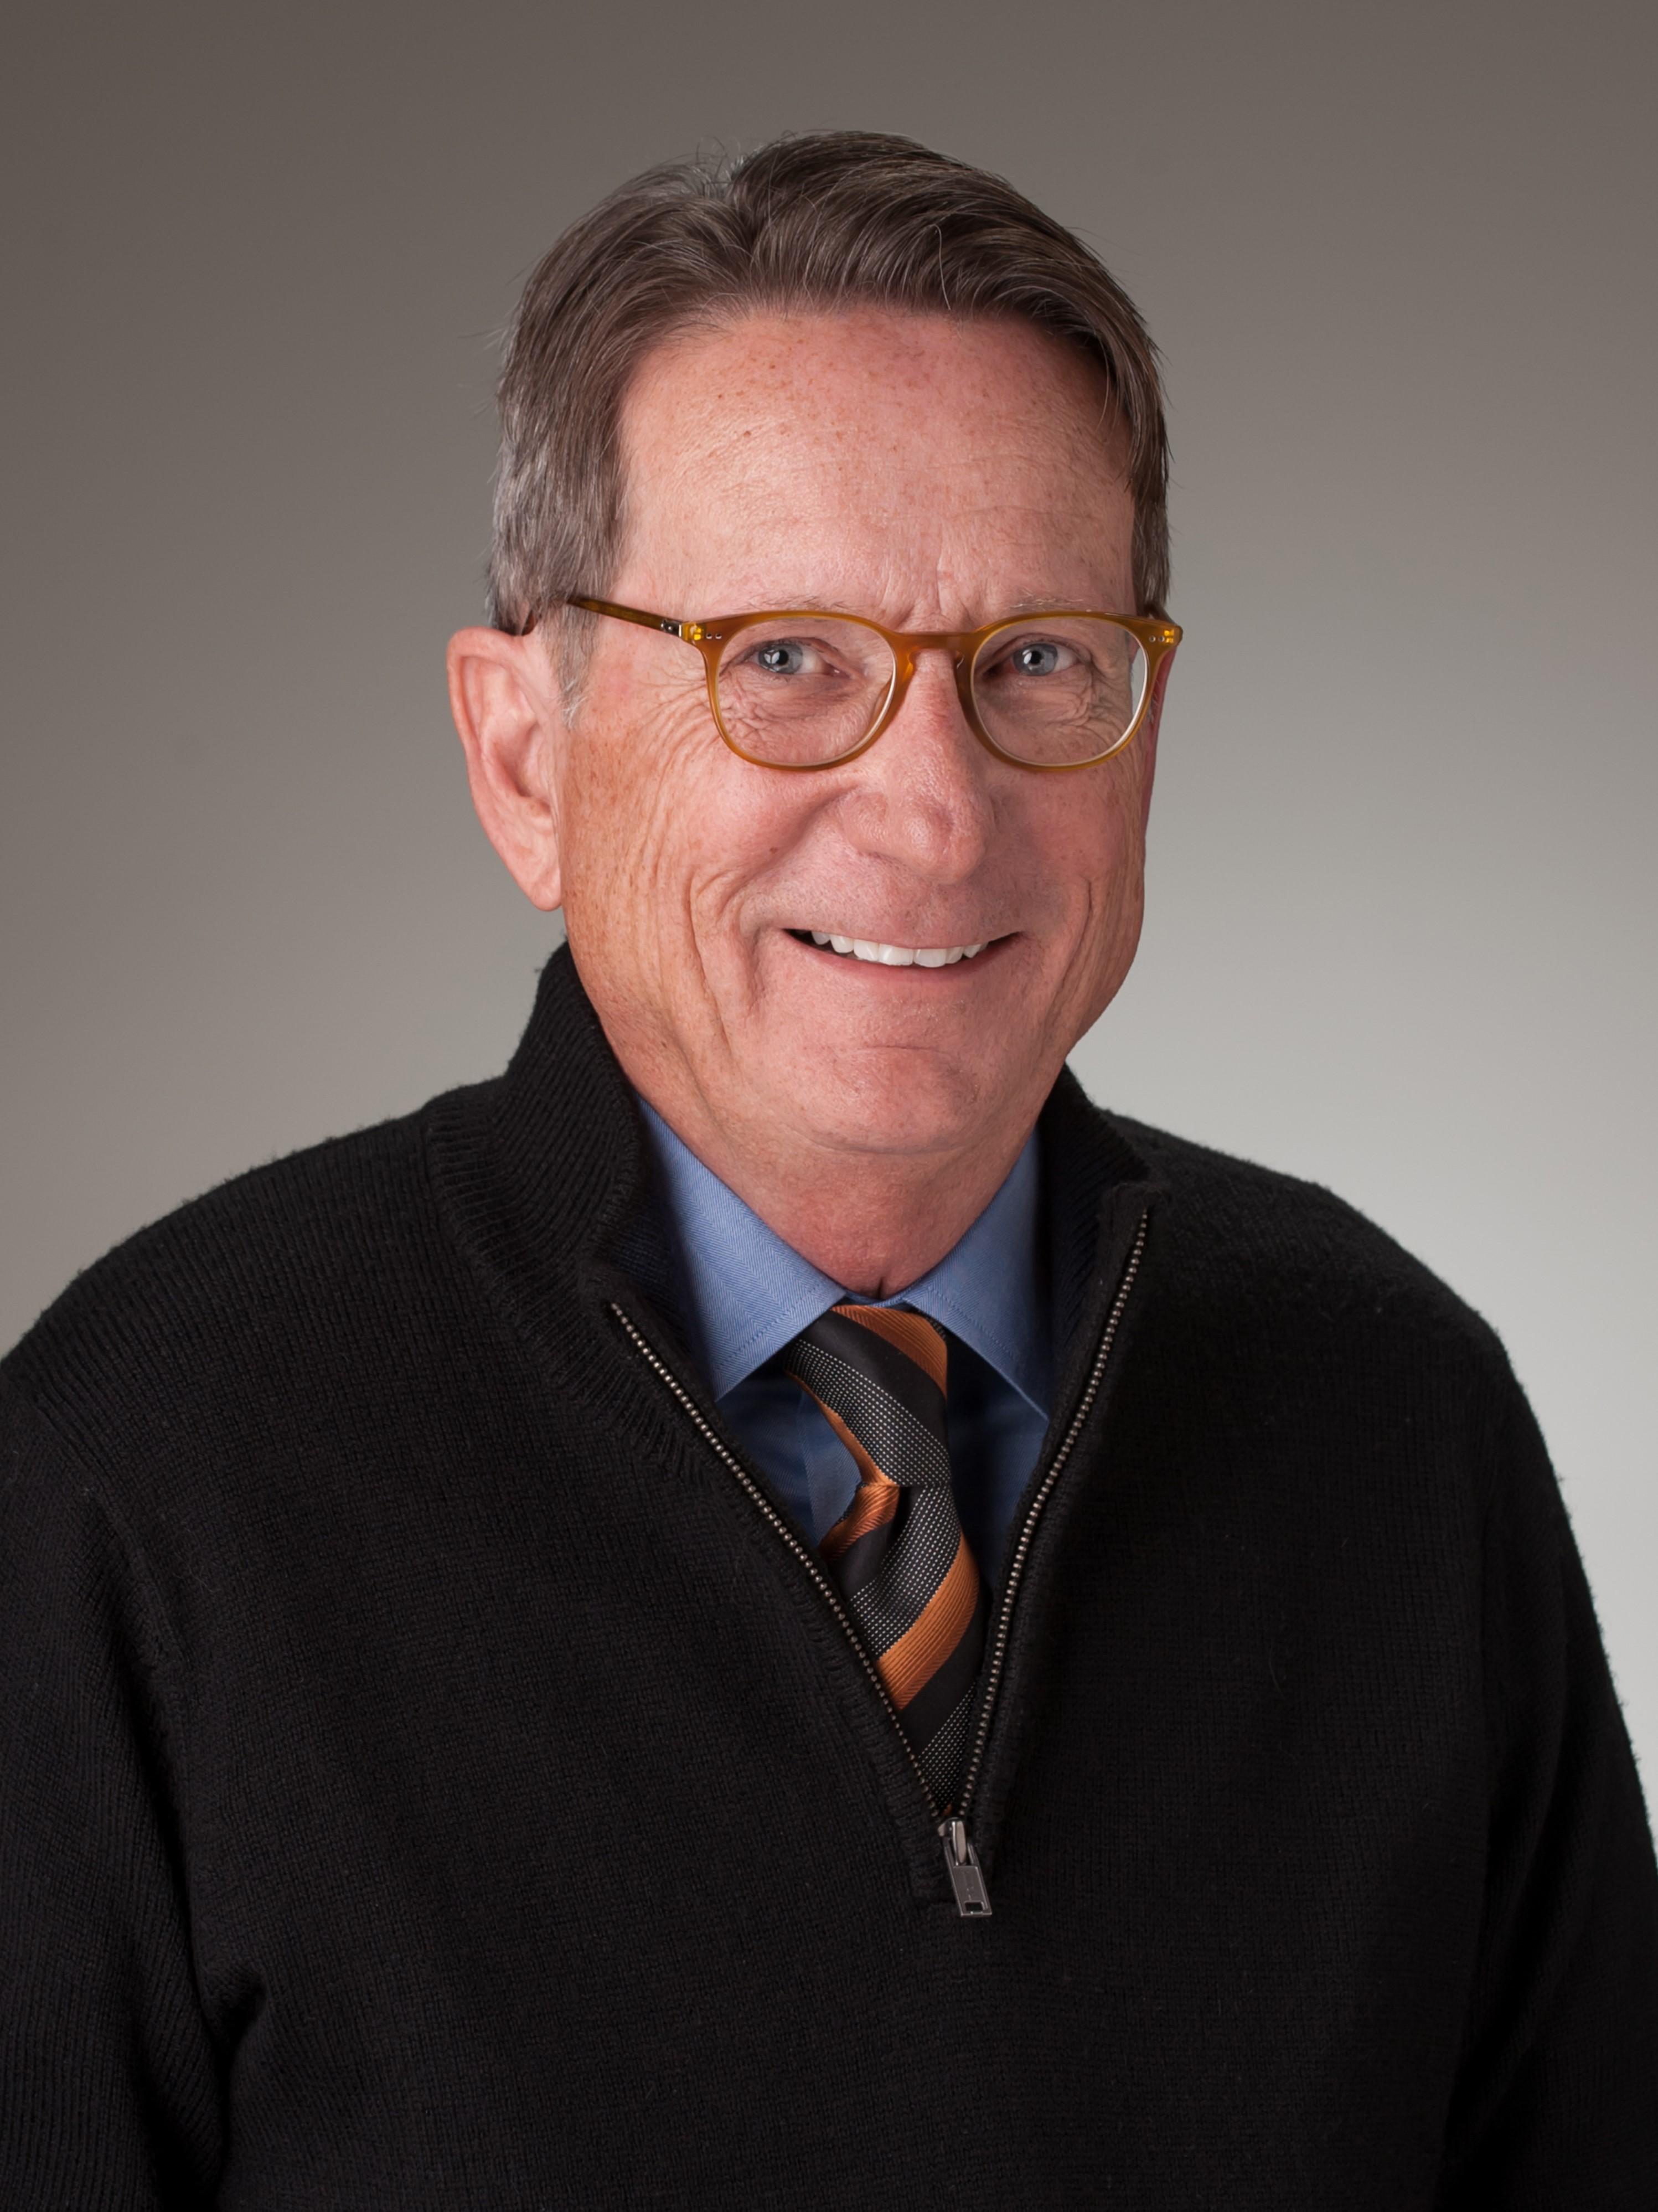 John Gallow